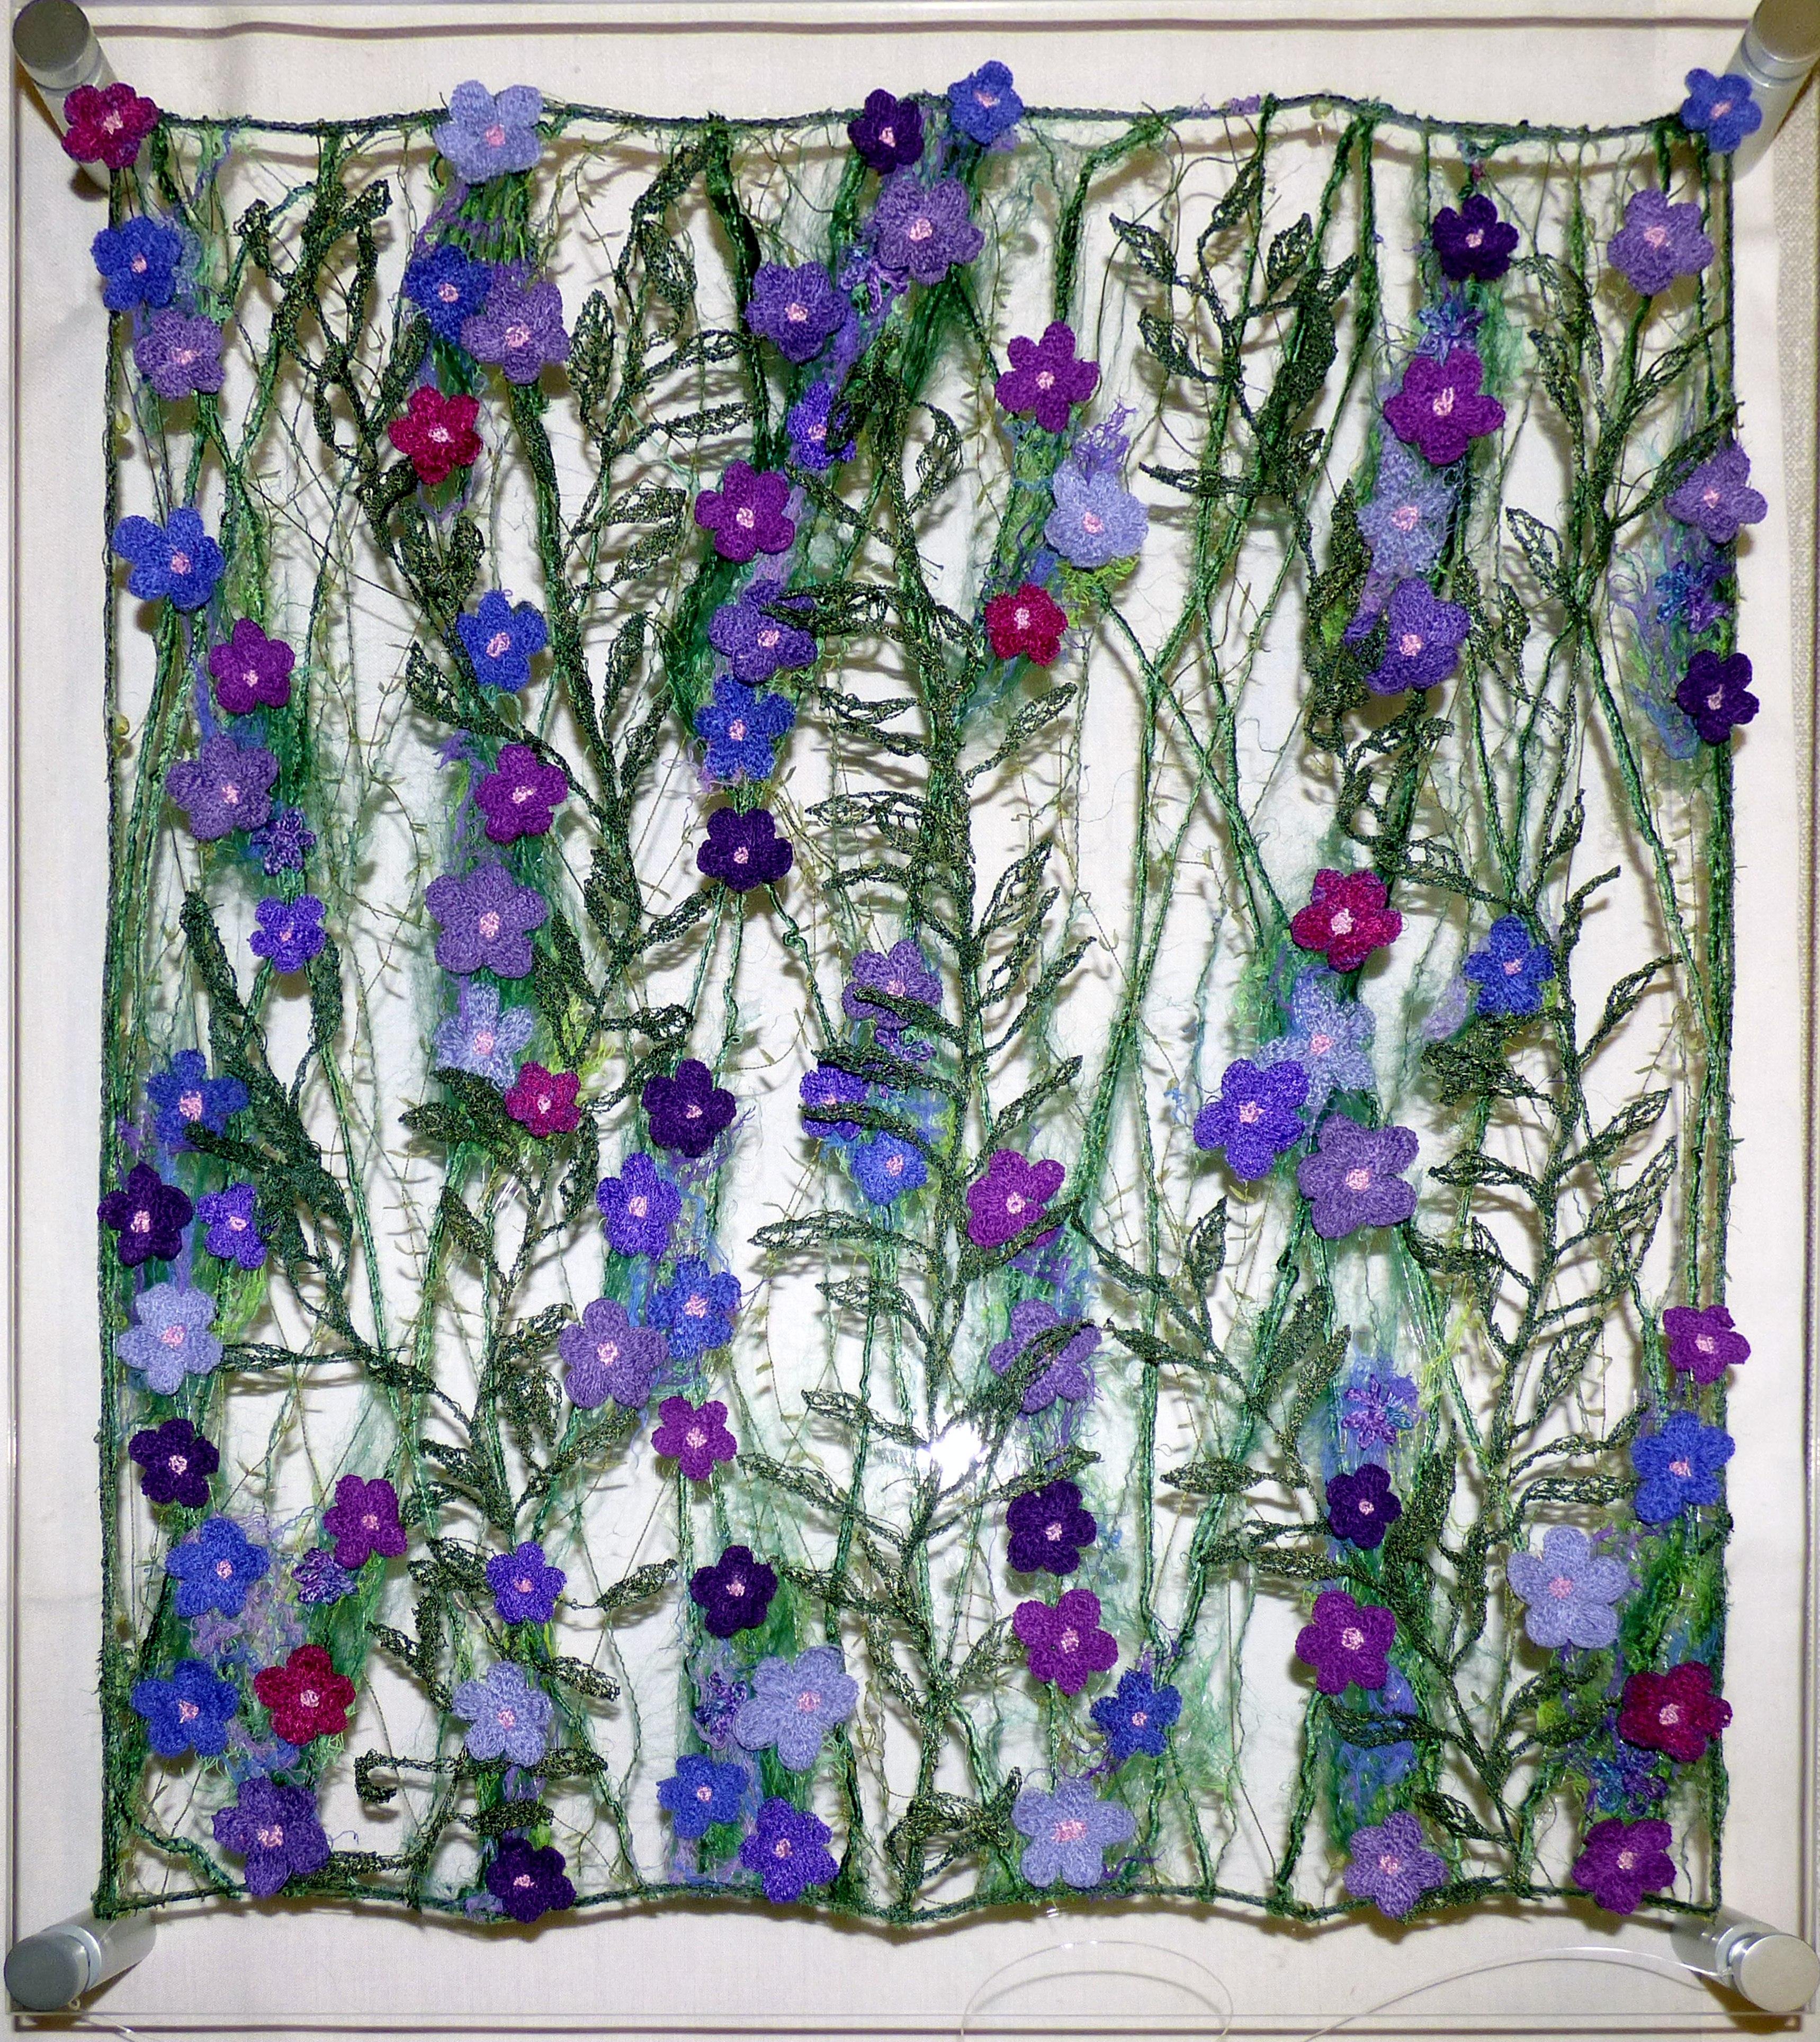 embroidery on perspex by Moya McCarthy, N.Wales EG